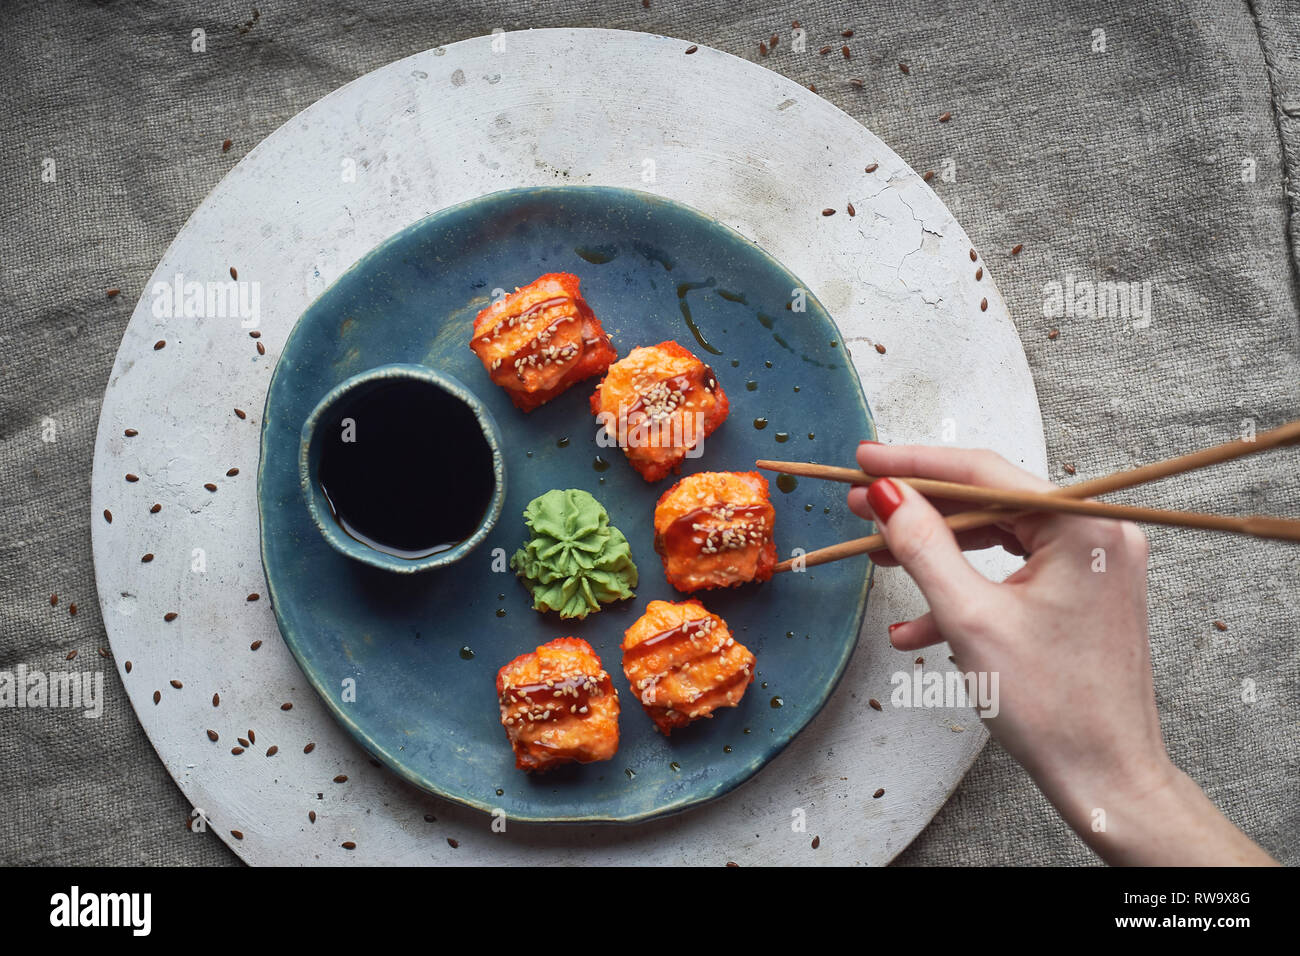 Traditionelle japanische Küche auf handgefertigte Keramik. Gebackene heißen Rollen auf einem blauen Ton Platte. Stockbild